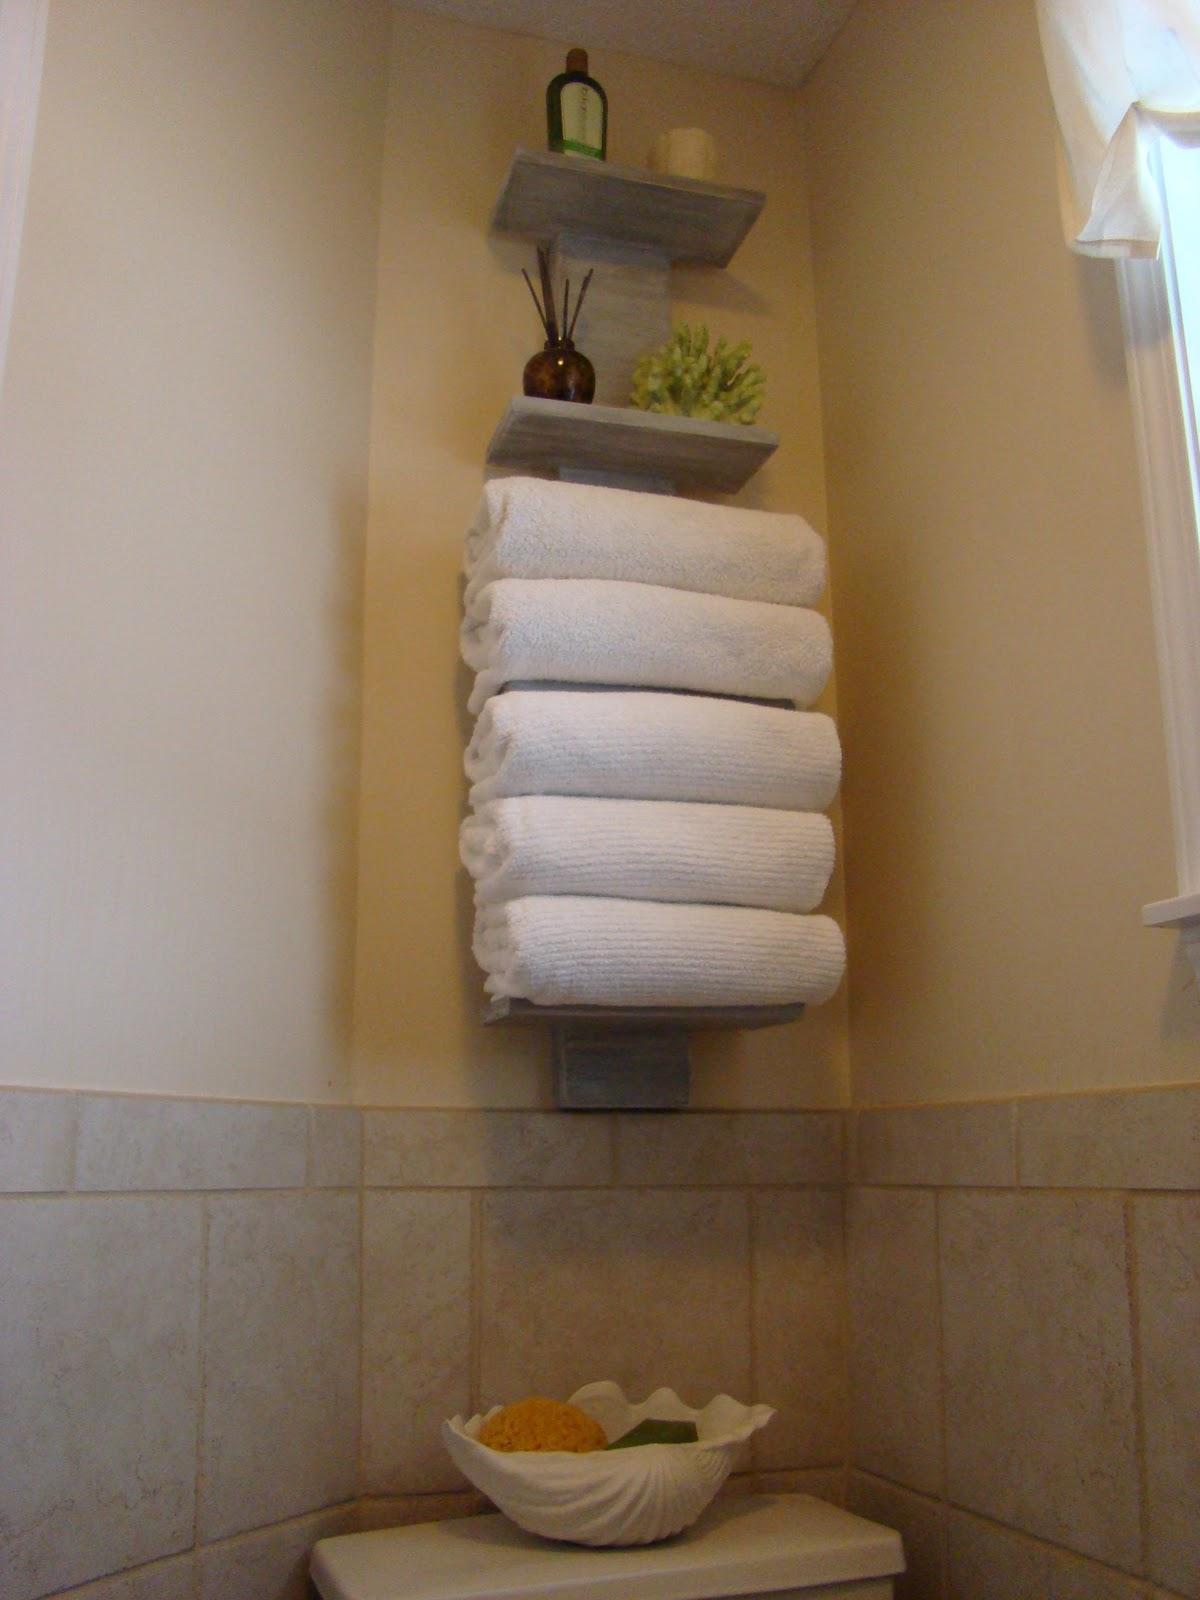 .: My bath FINALLY gets some towel storage!